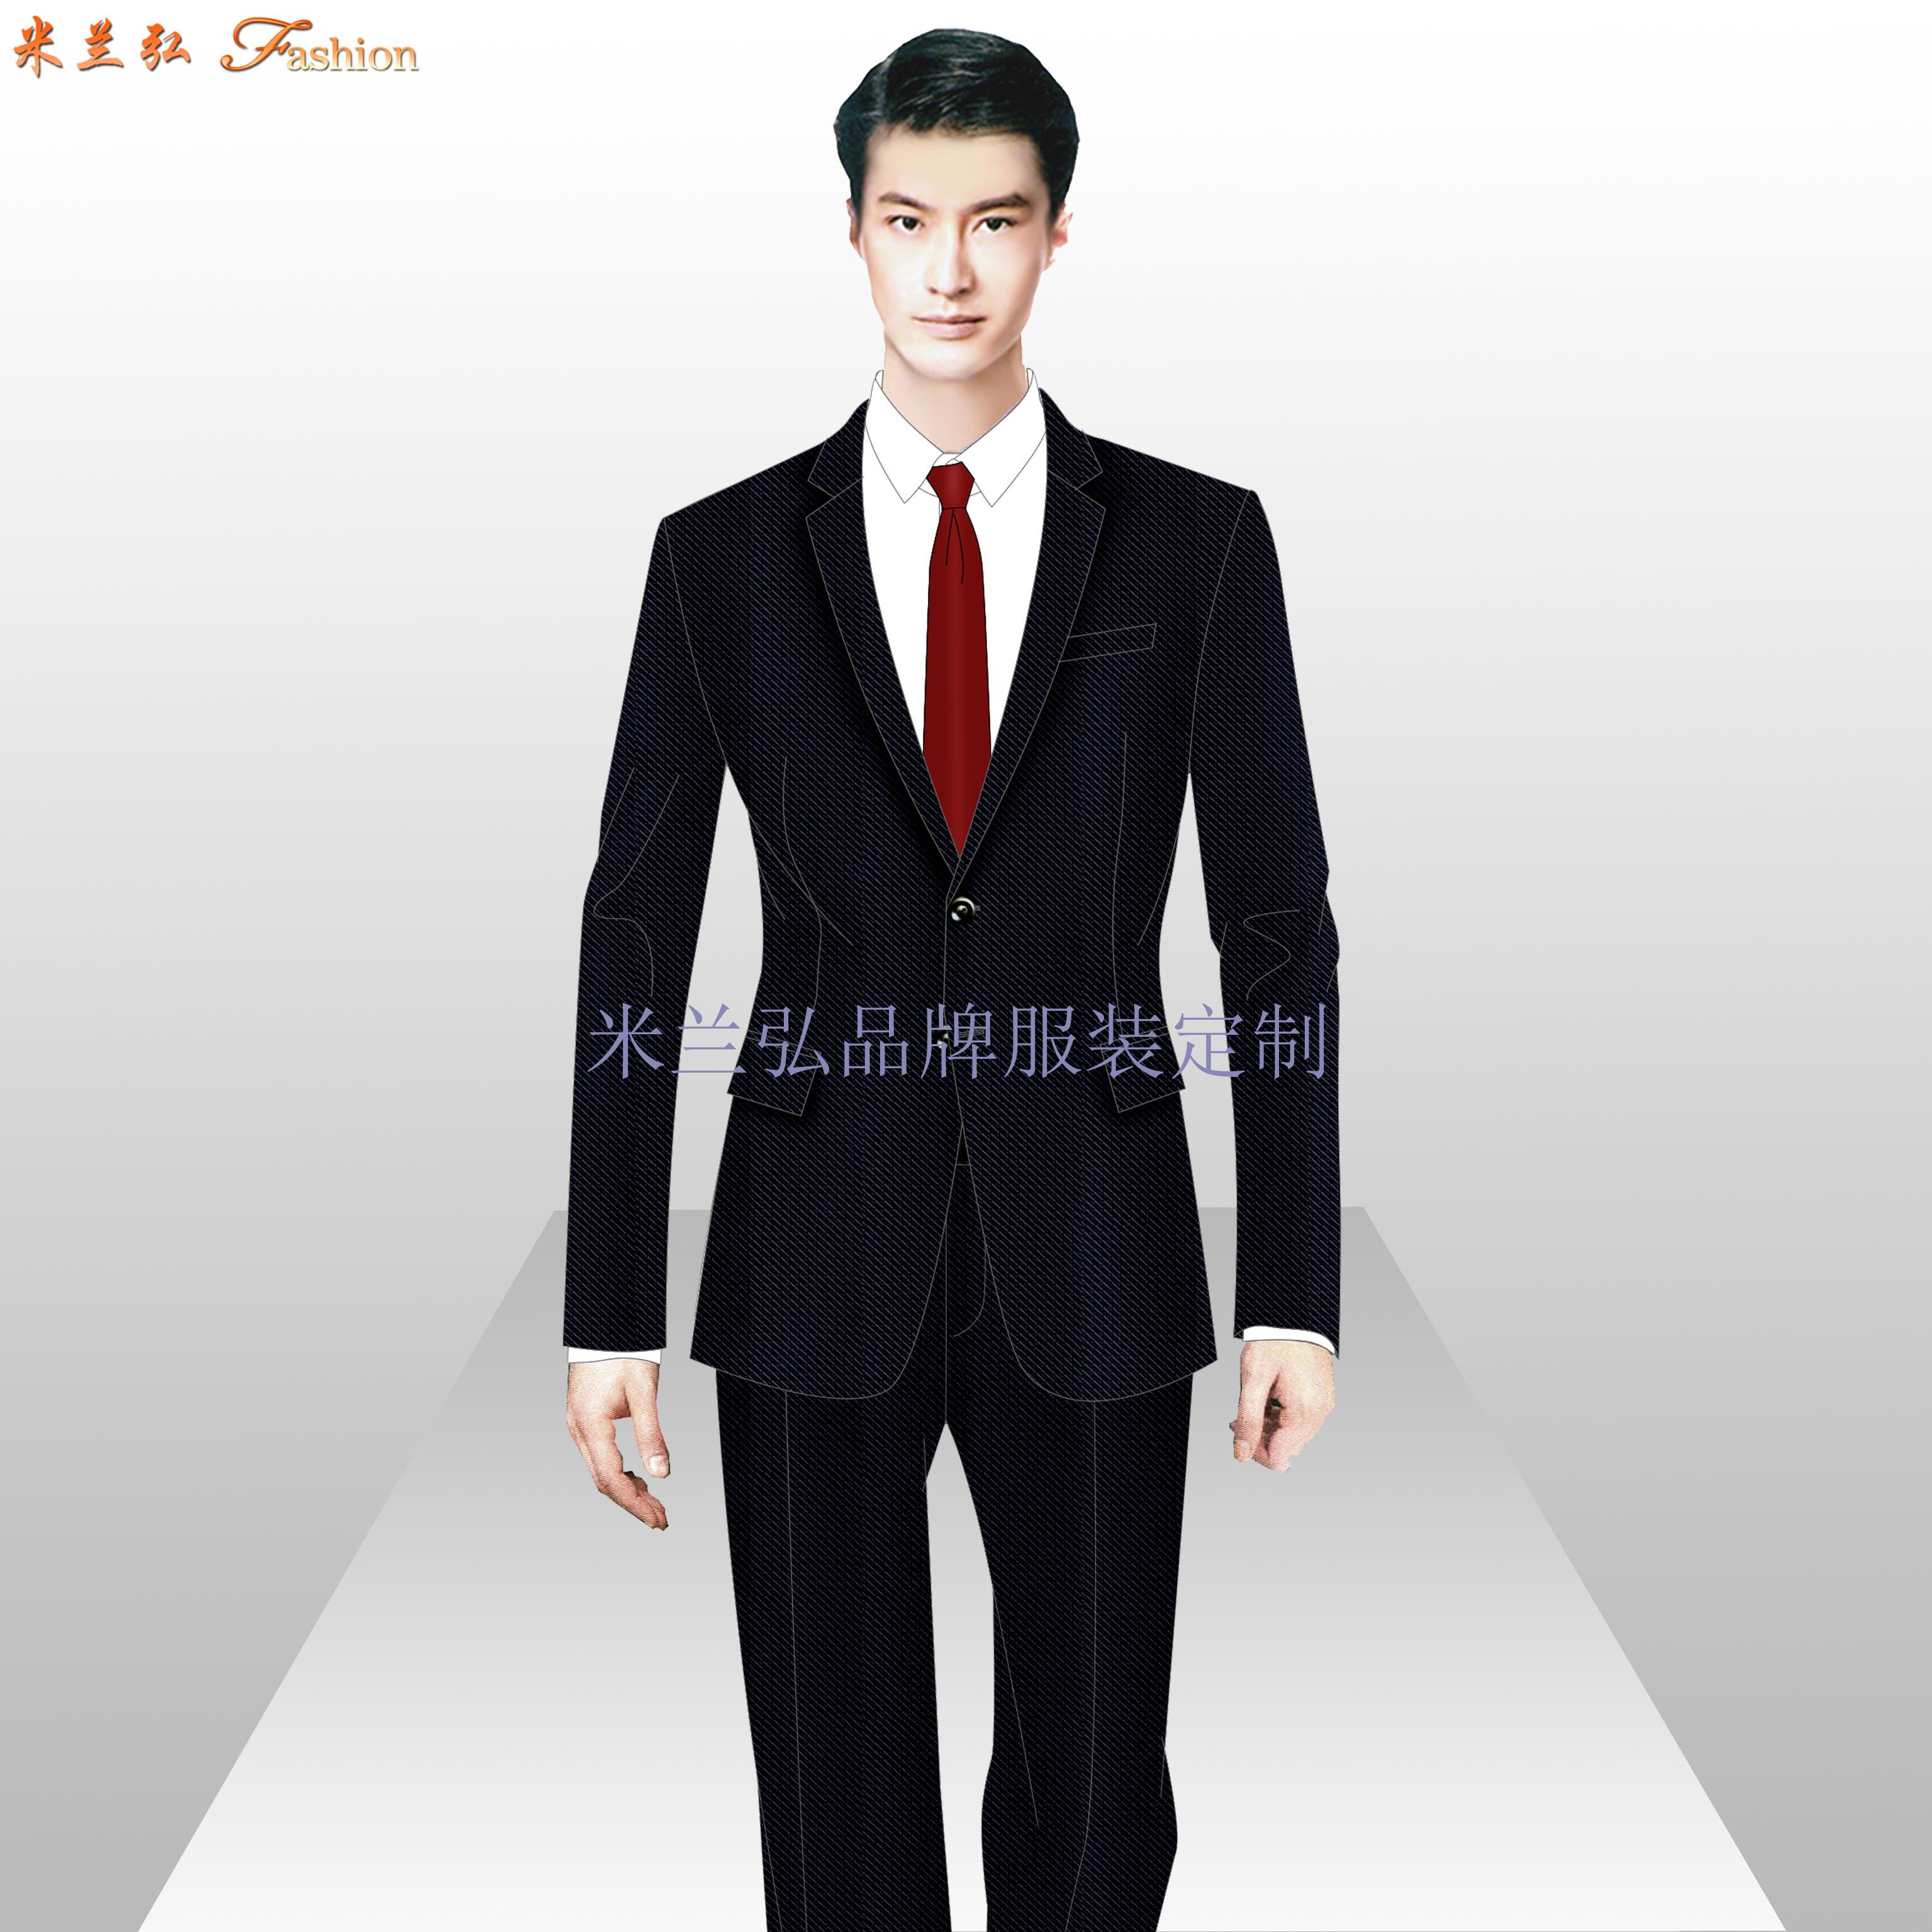 江西西装定做-两粒扣商务西服订制-米兰弘服装-5